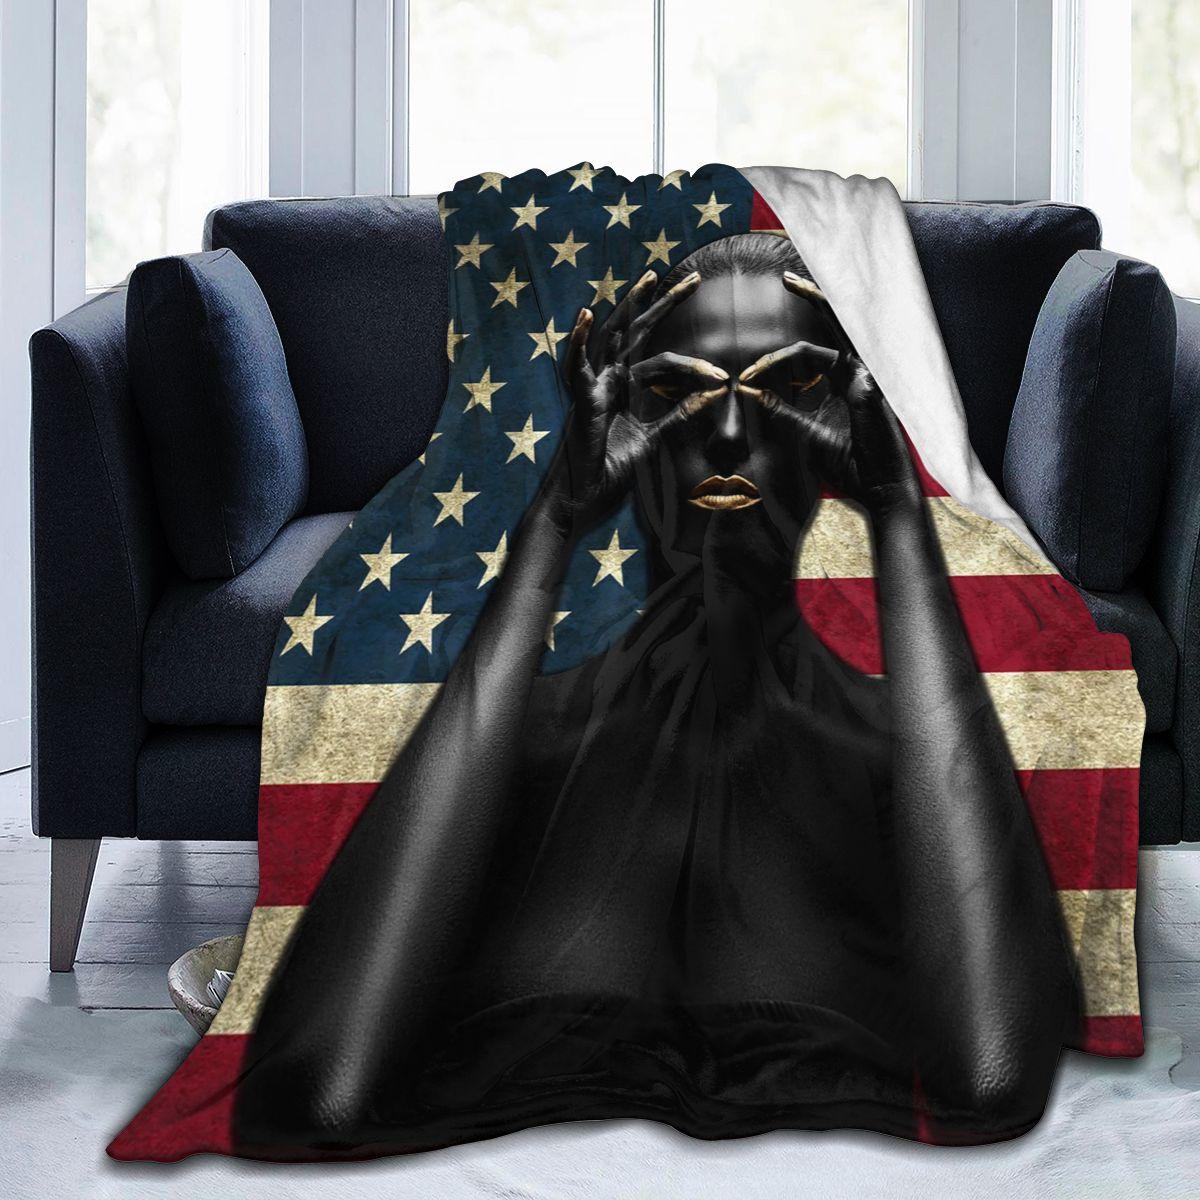 أسود الذهب الأمريكية بطانية تصميم الفانيلا بطانية صوف طباعة أريكة السرير الدافئة رمي بطانية الكبار Sherpa بطانية style0